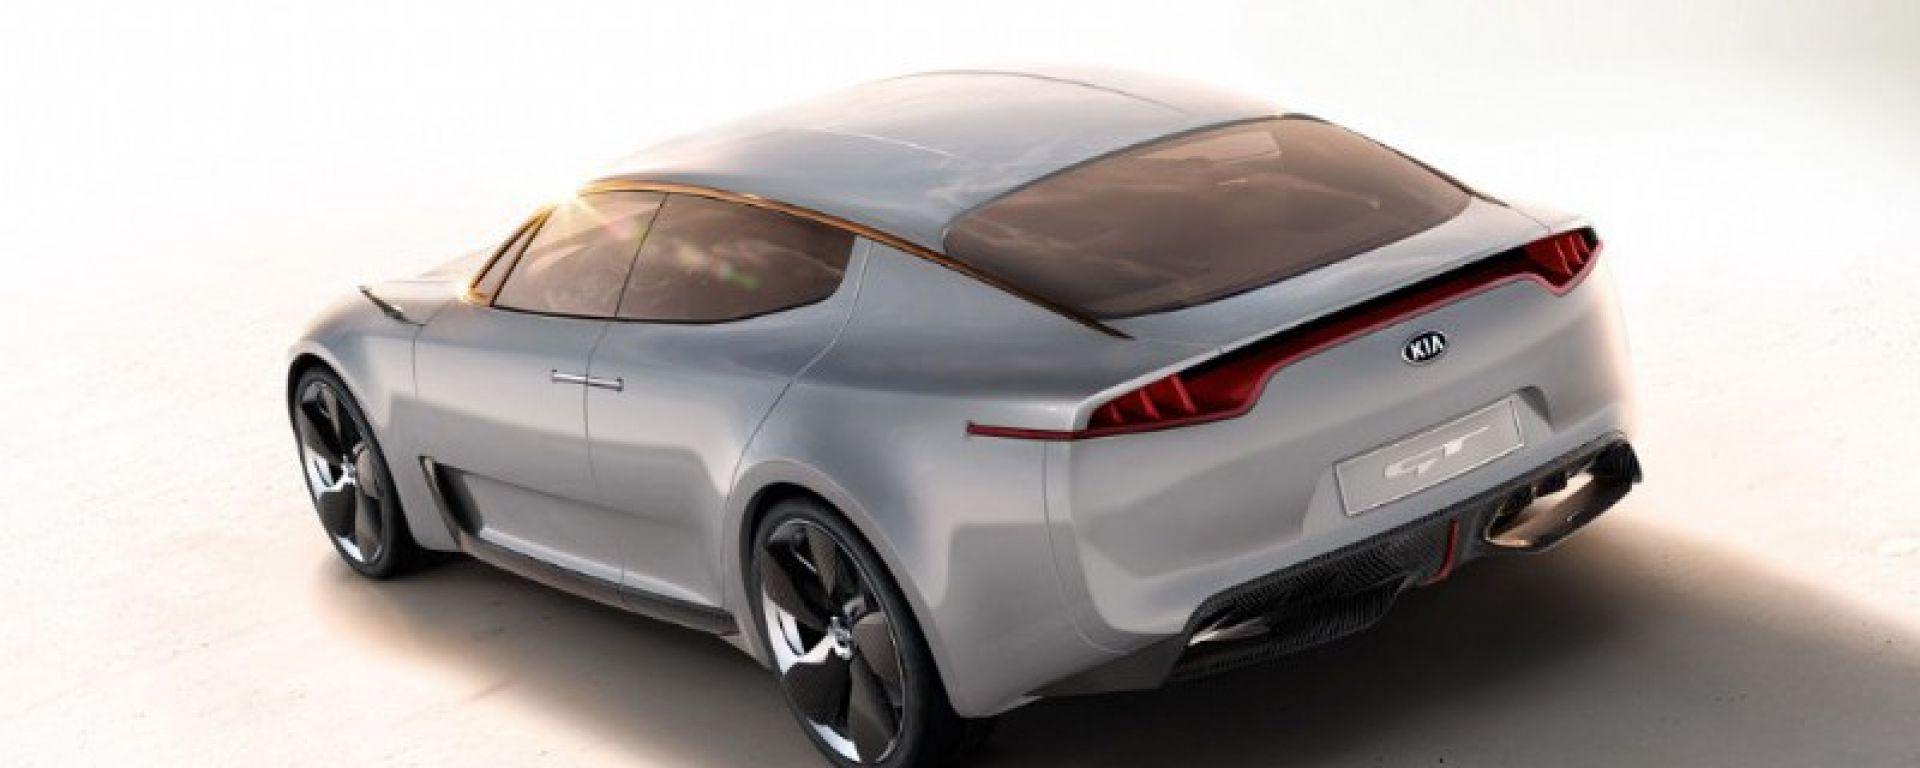 Kia GT Concept: le nuove foto